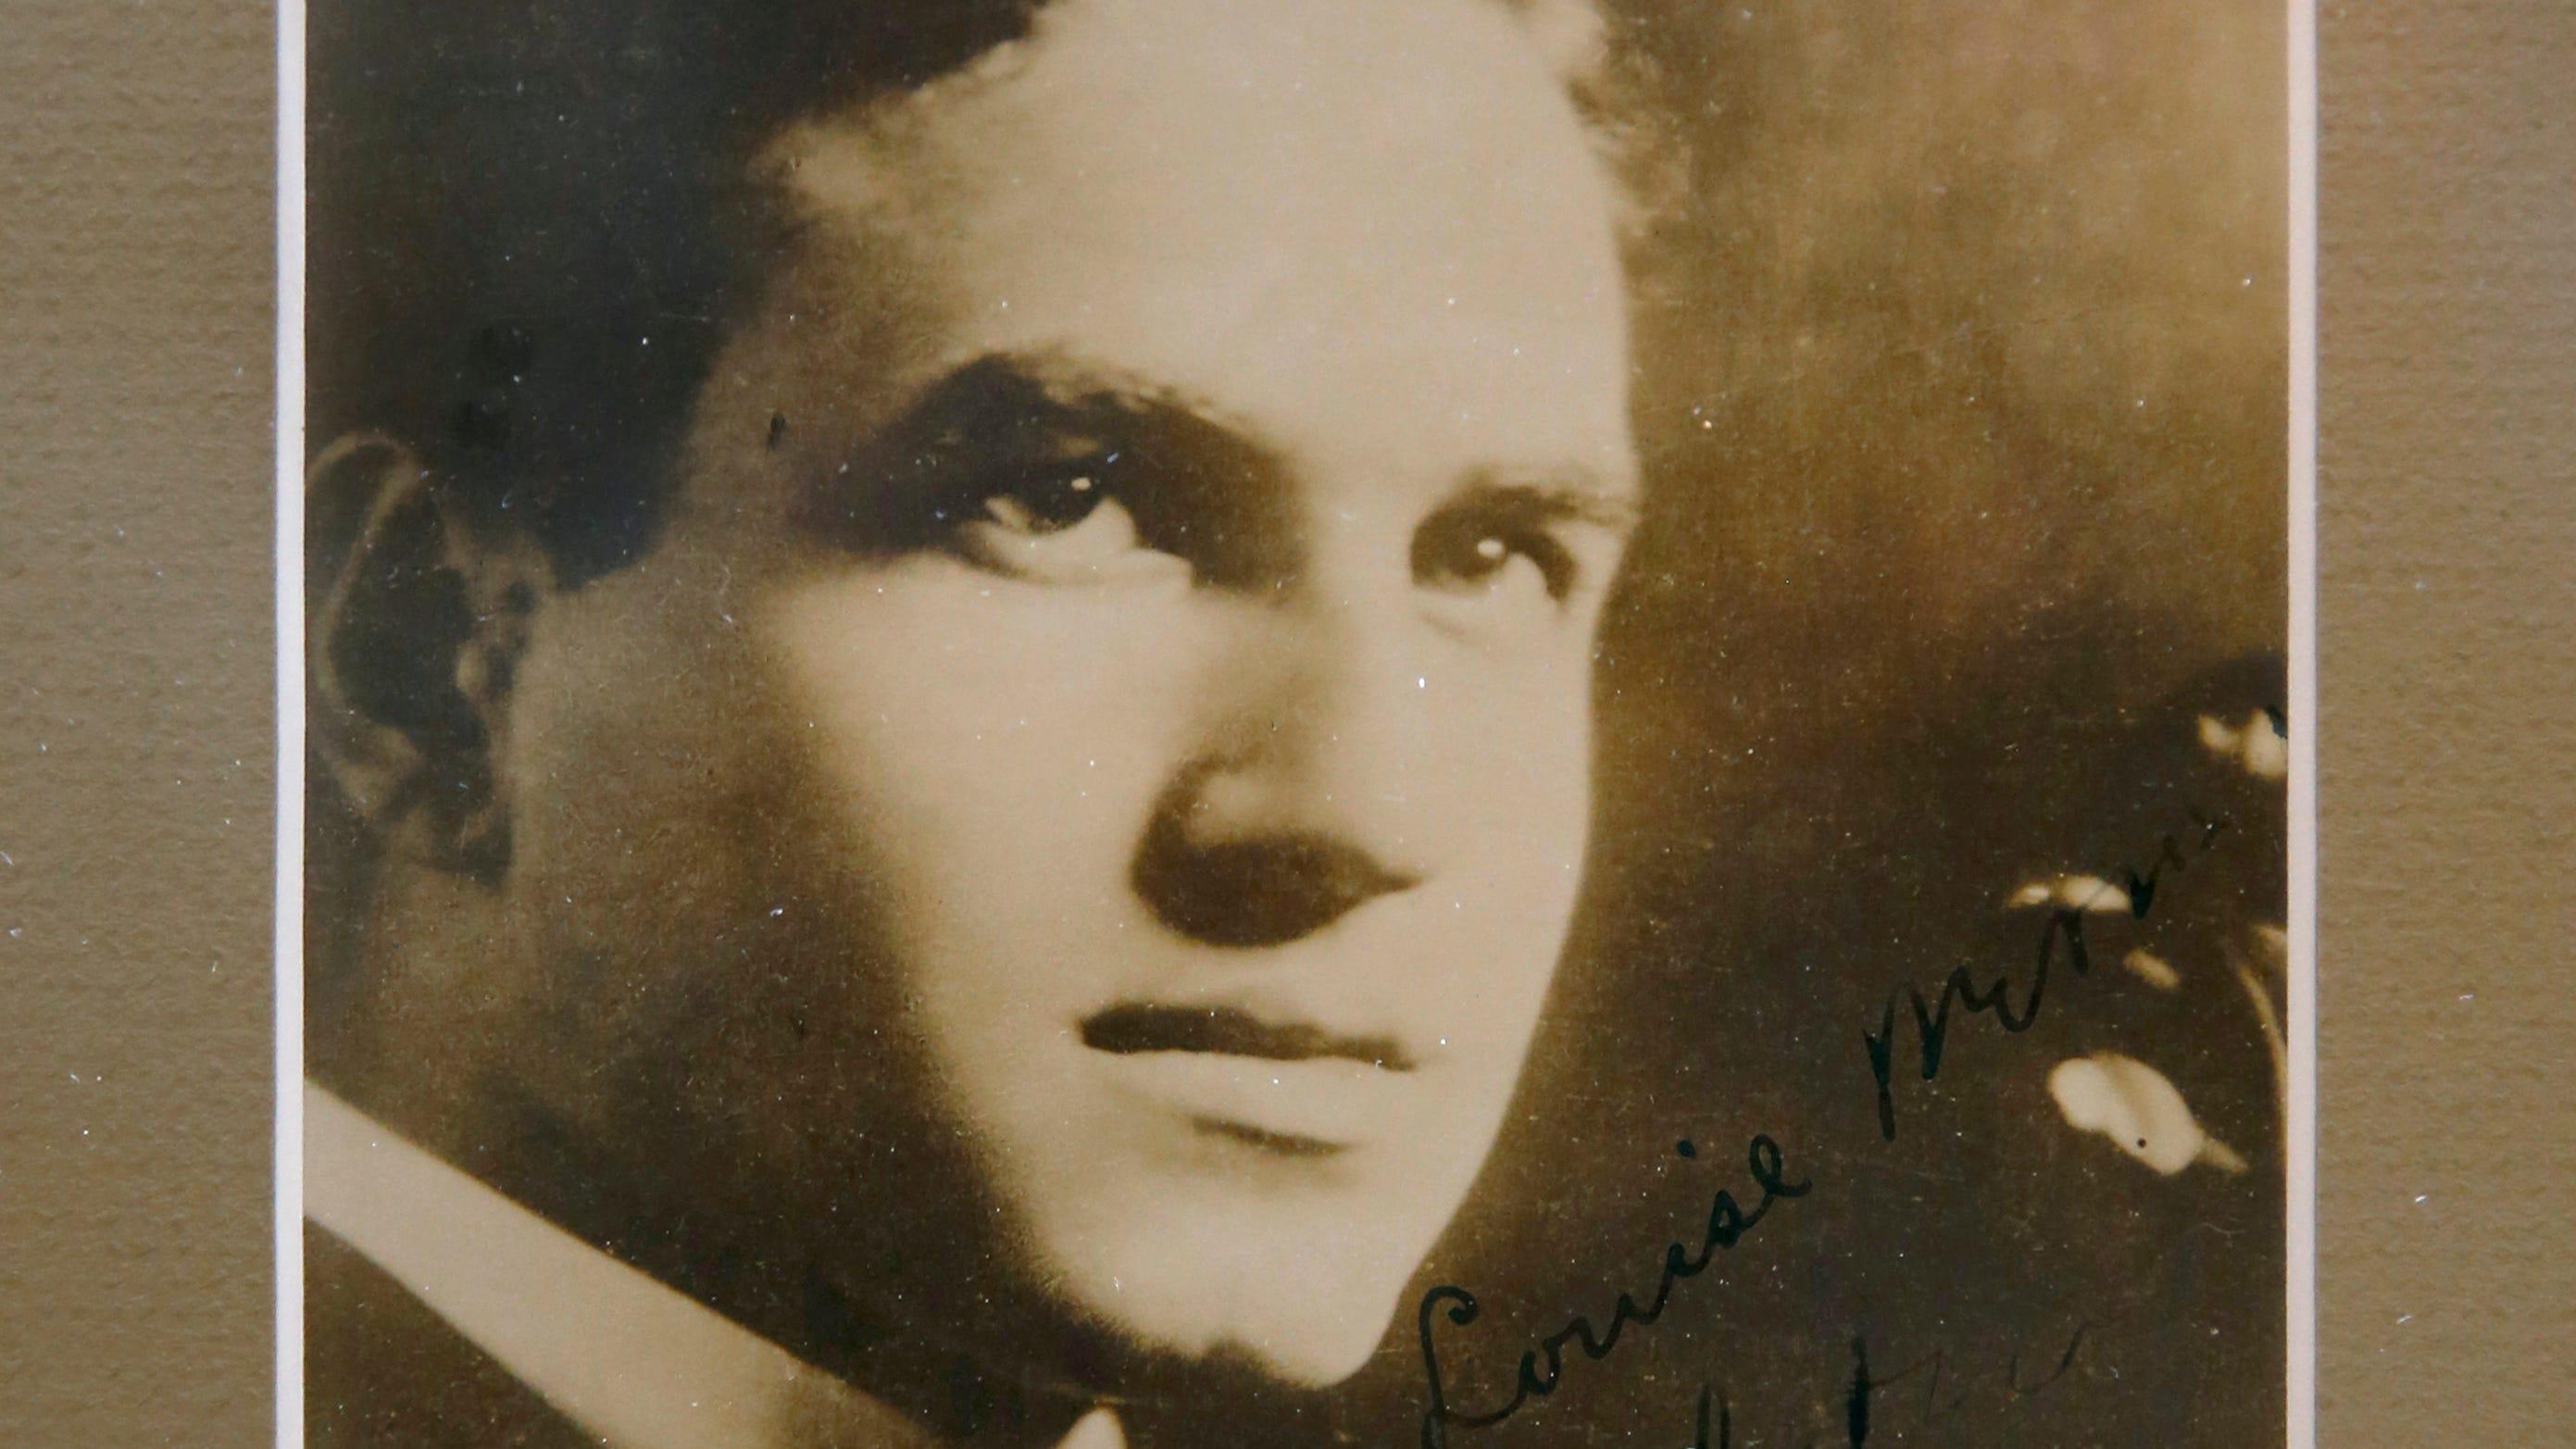 Unplayed sonatas : A century after his death David Hochstein's heroic soul still inspires